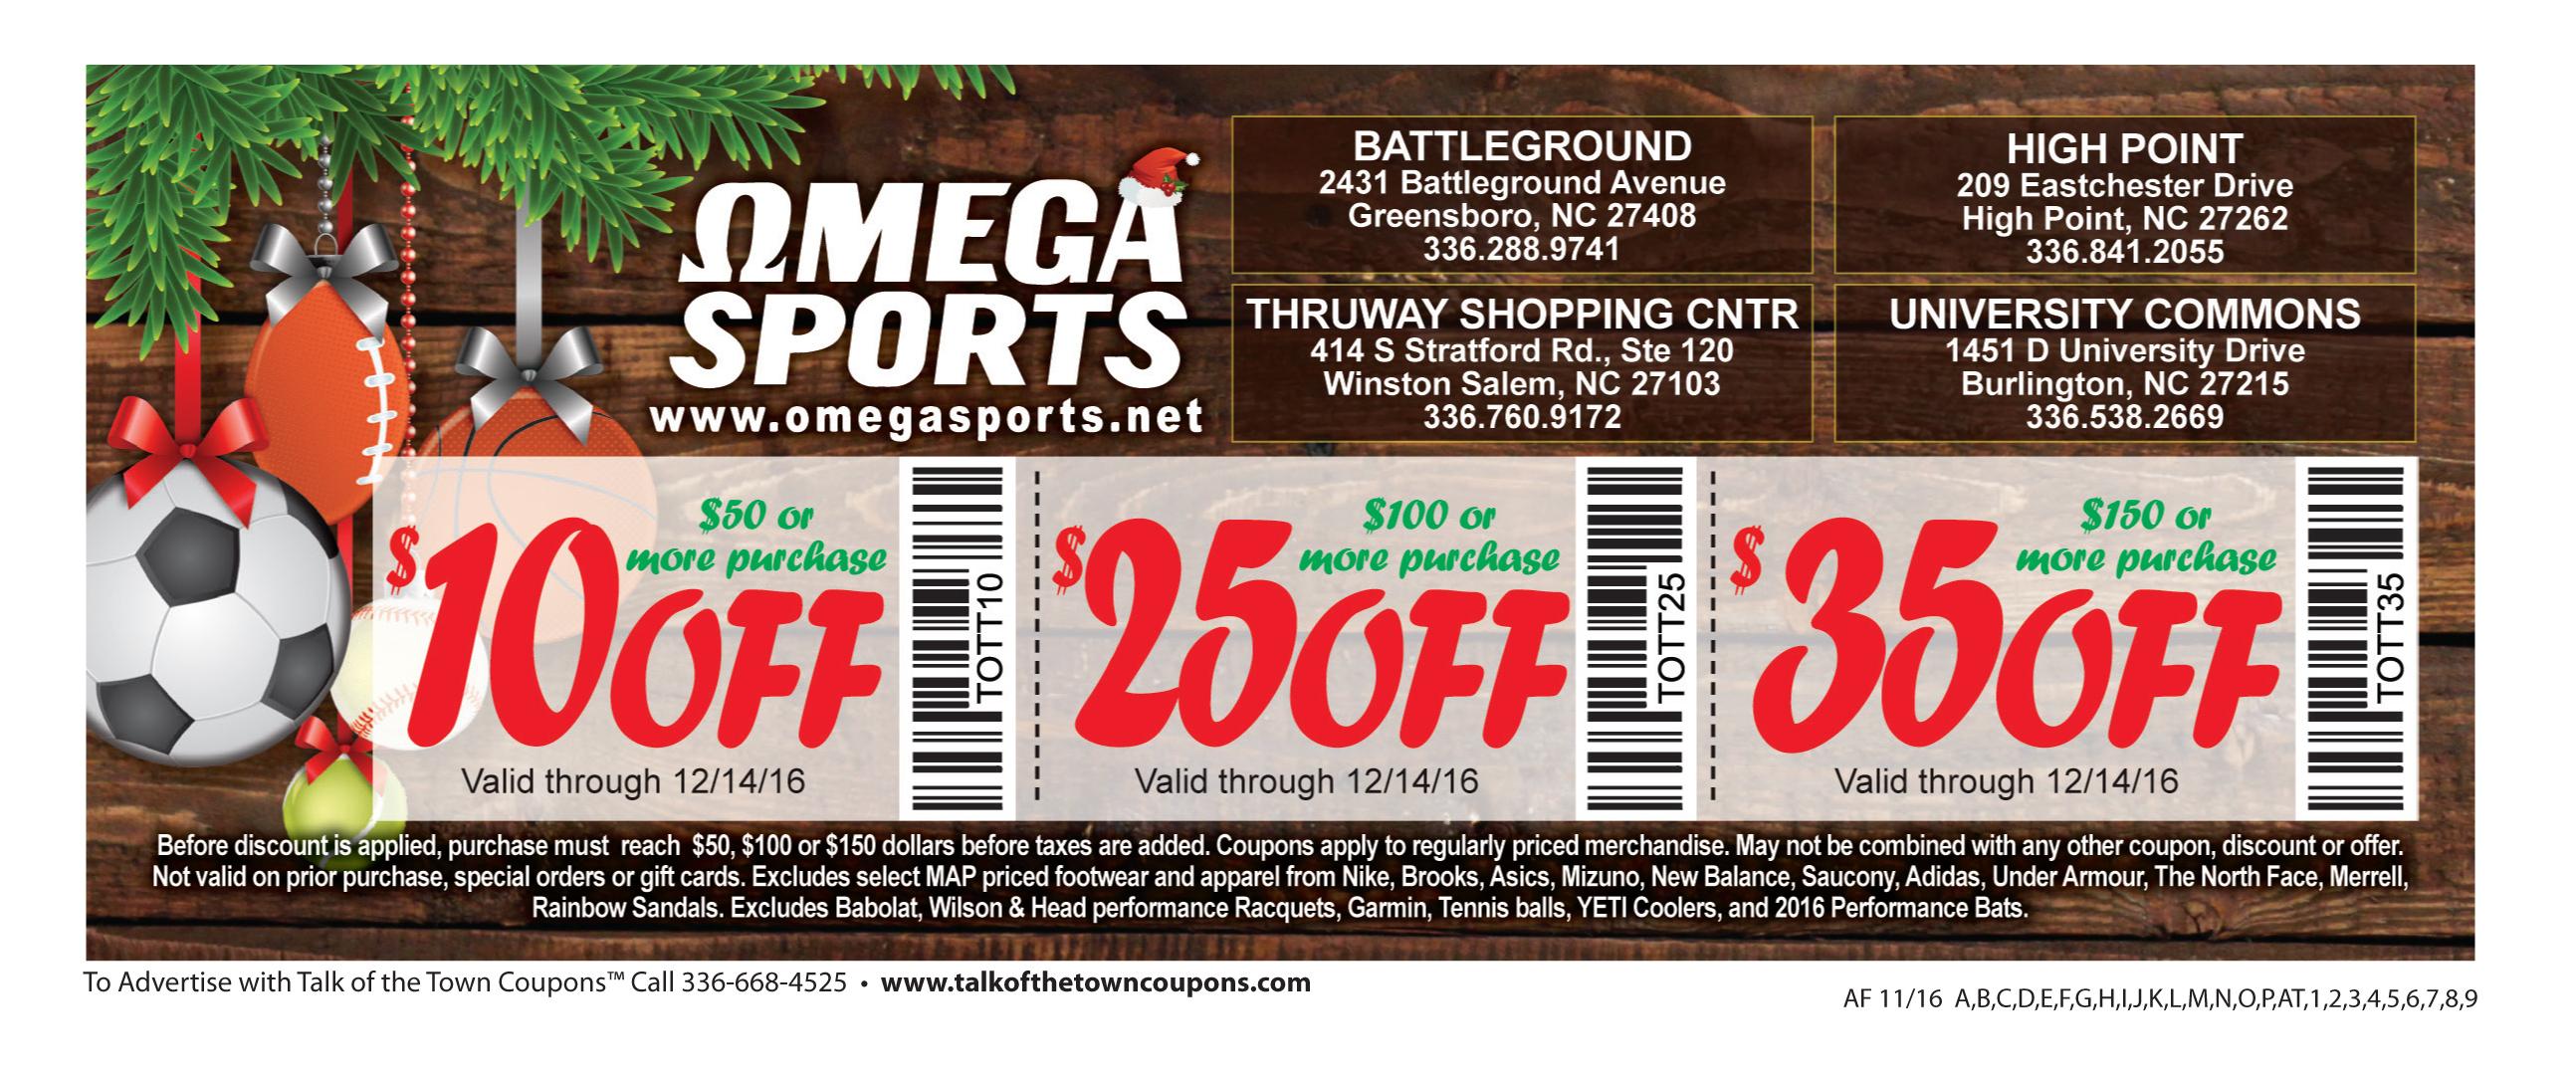 Omega Sports Booklet Offer Image